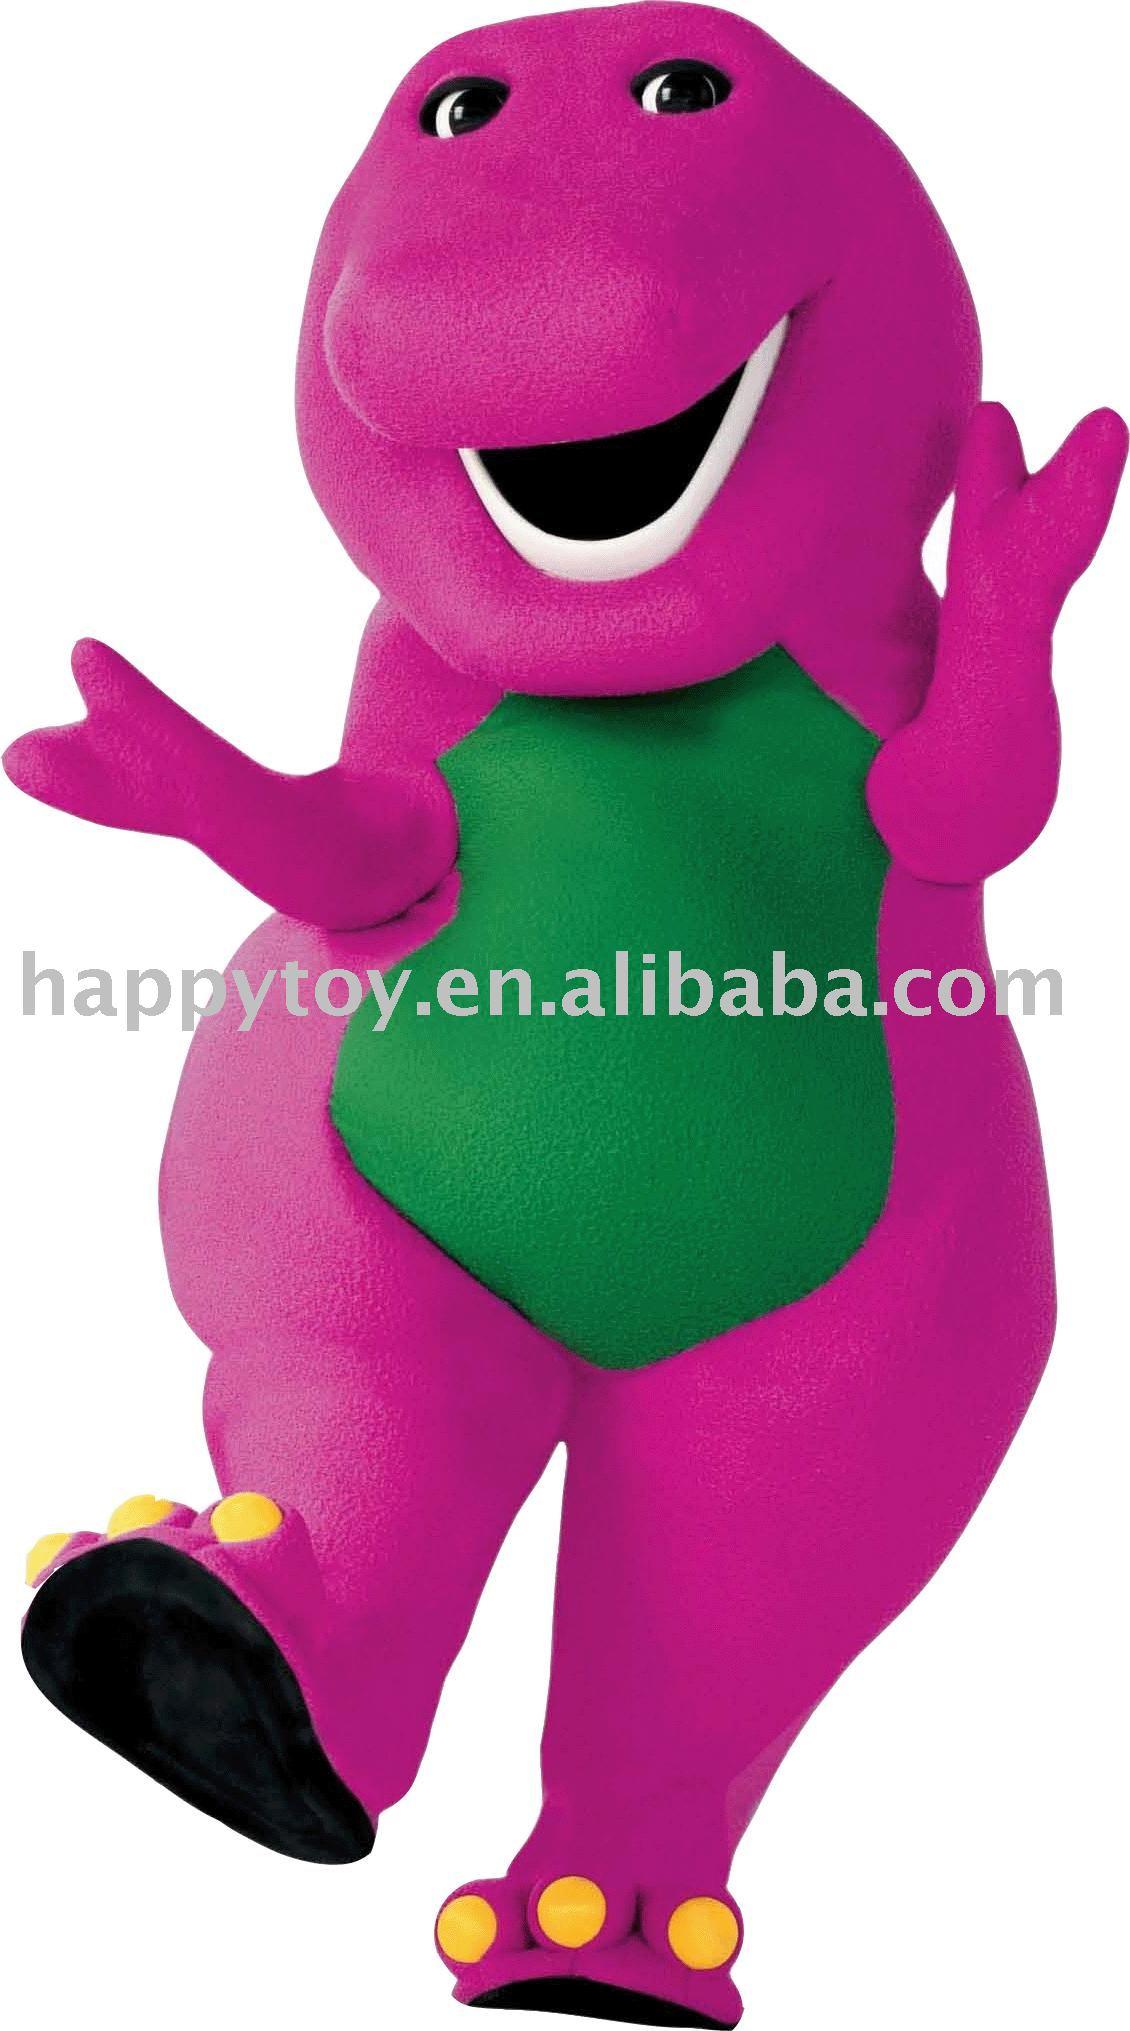 Imagenes De Barney